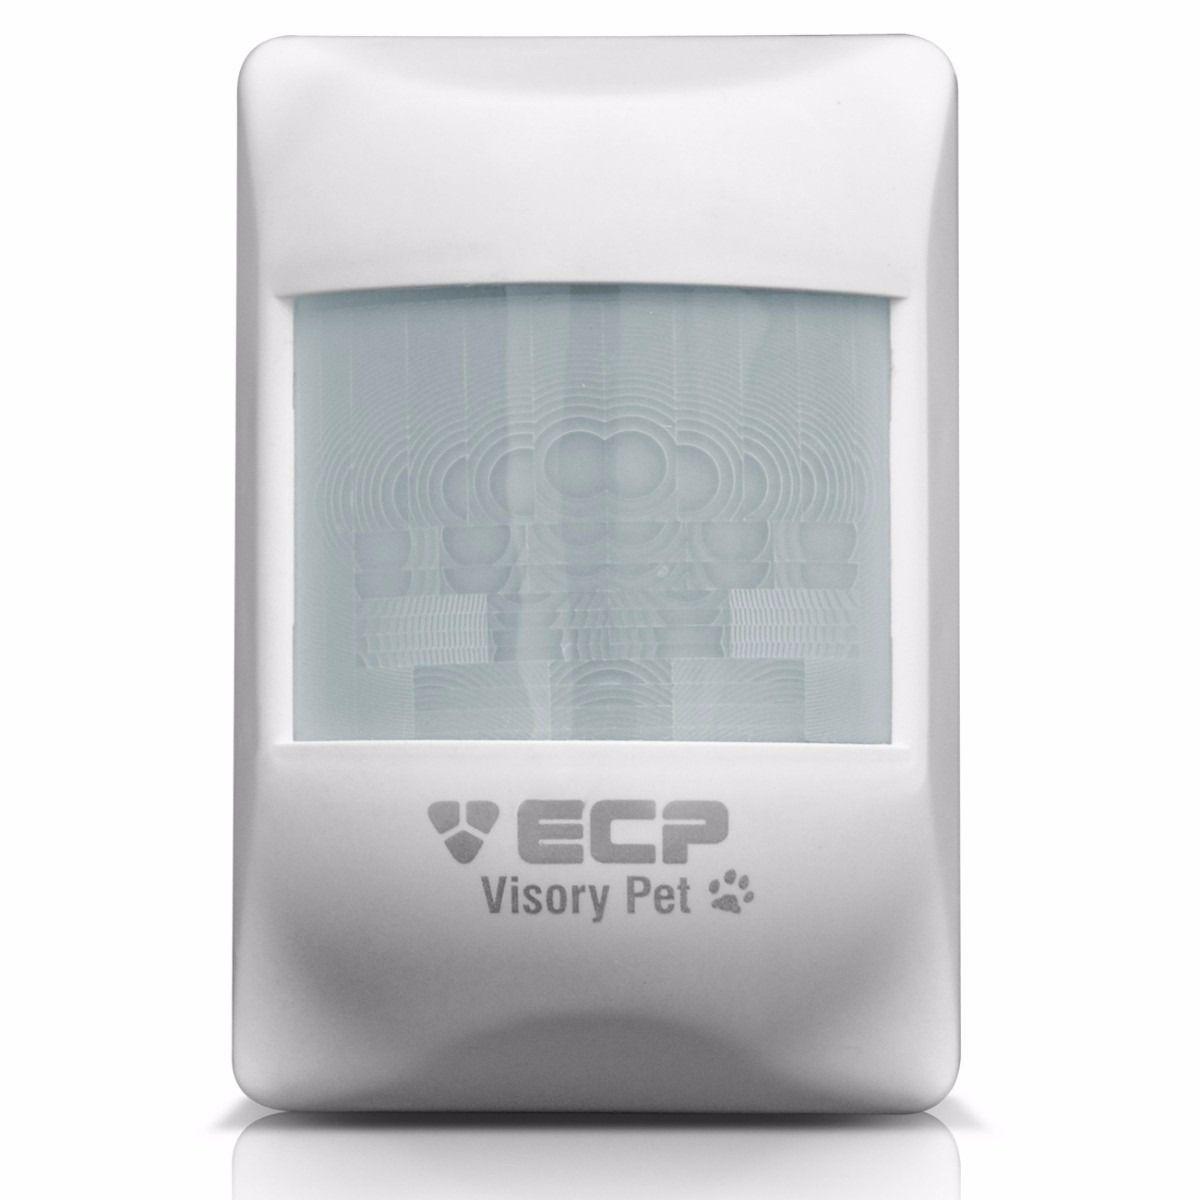 Sensor Infra Passivo IVP Alarmes Visory Pet ECP